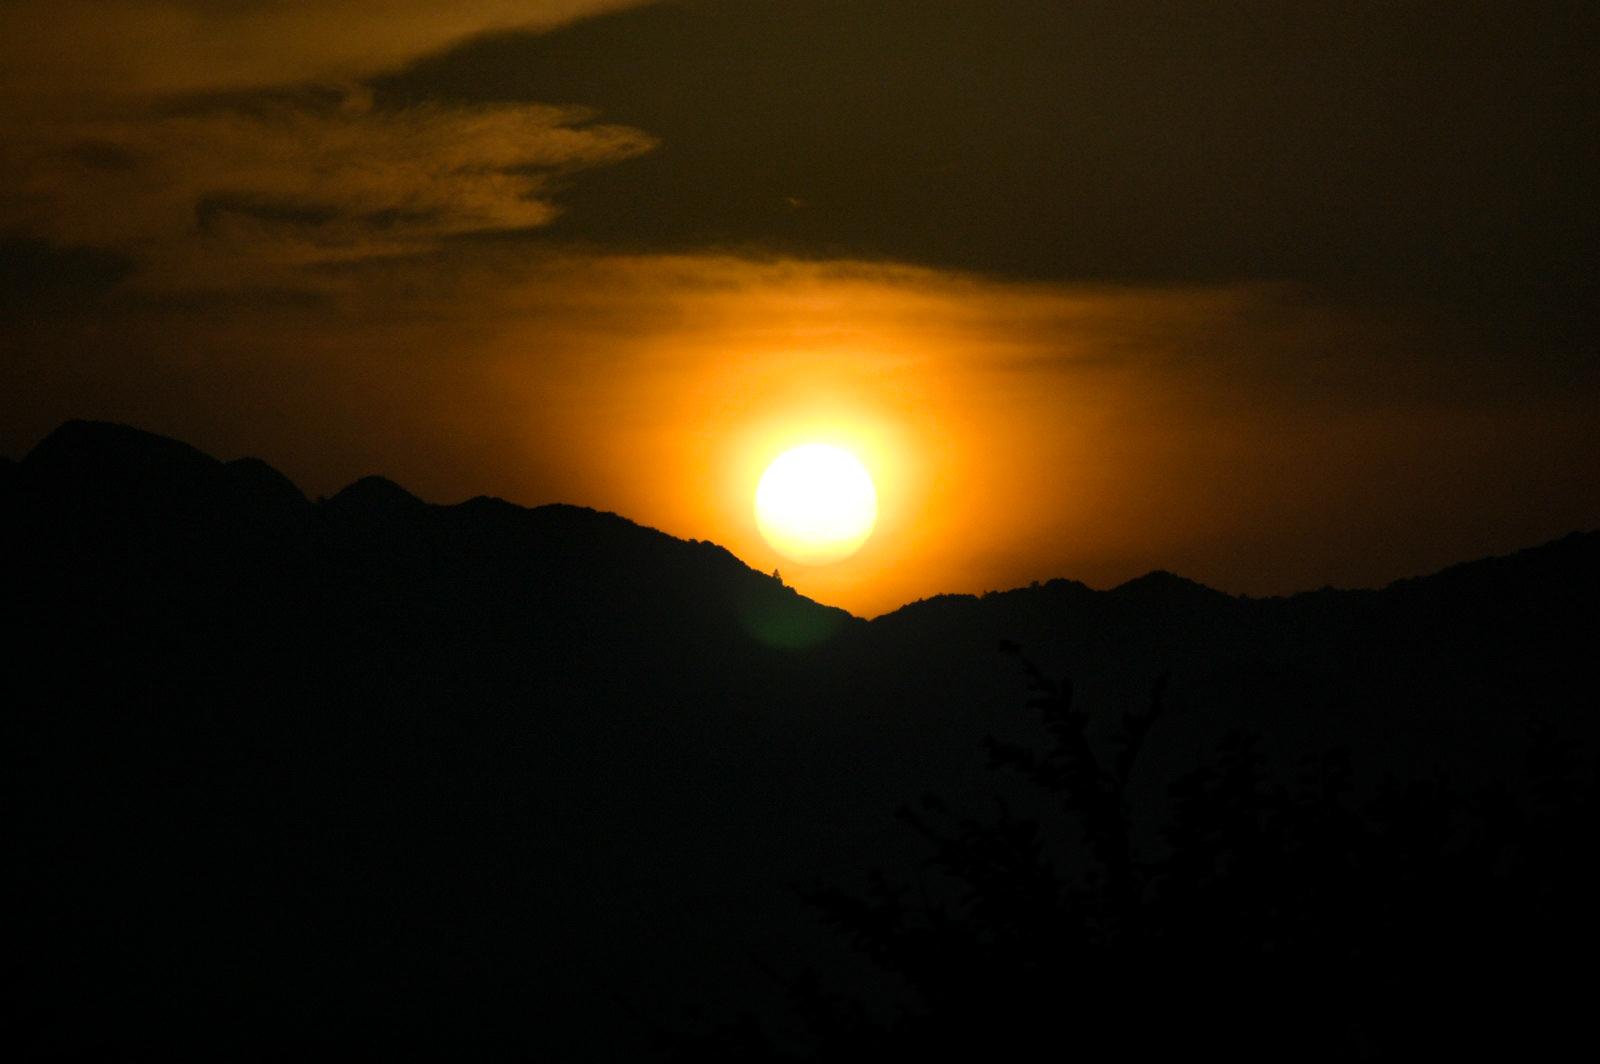 夕日、夜と夕方の境目の写真